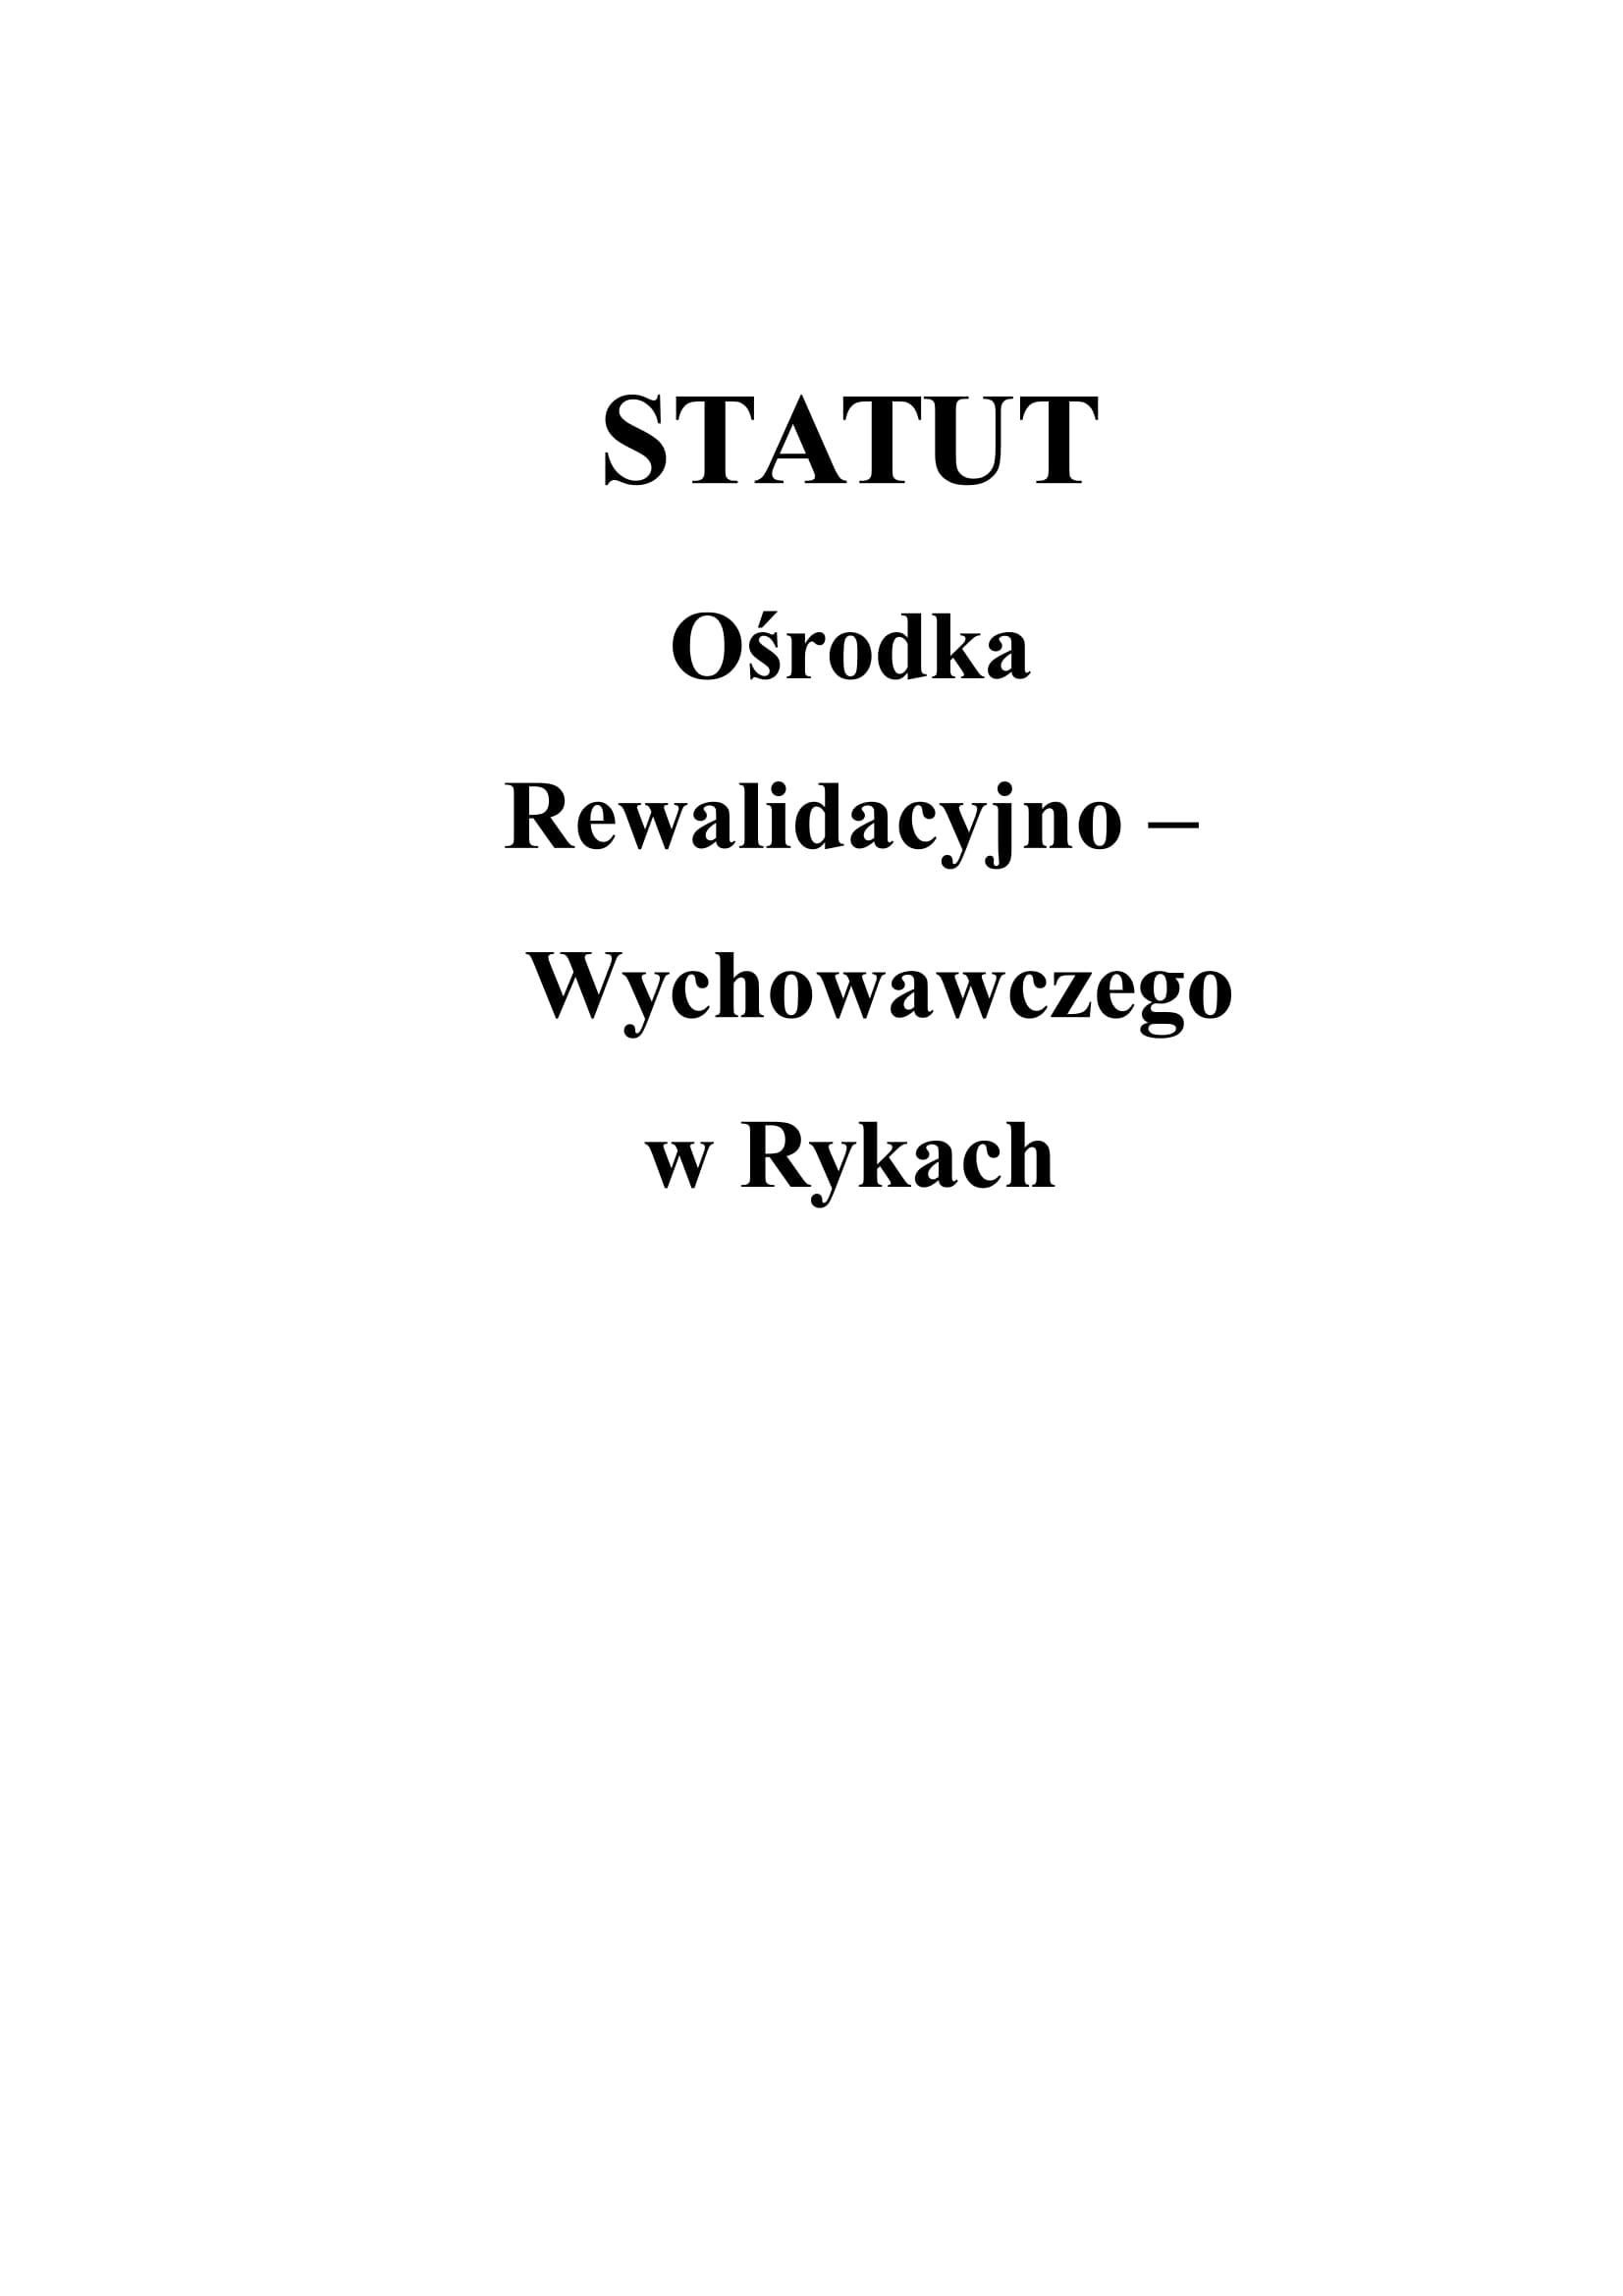 STATUT 2018-2019 poprawiony-01